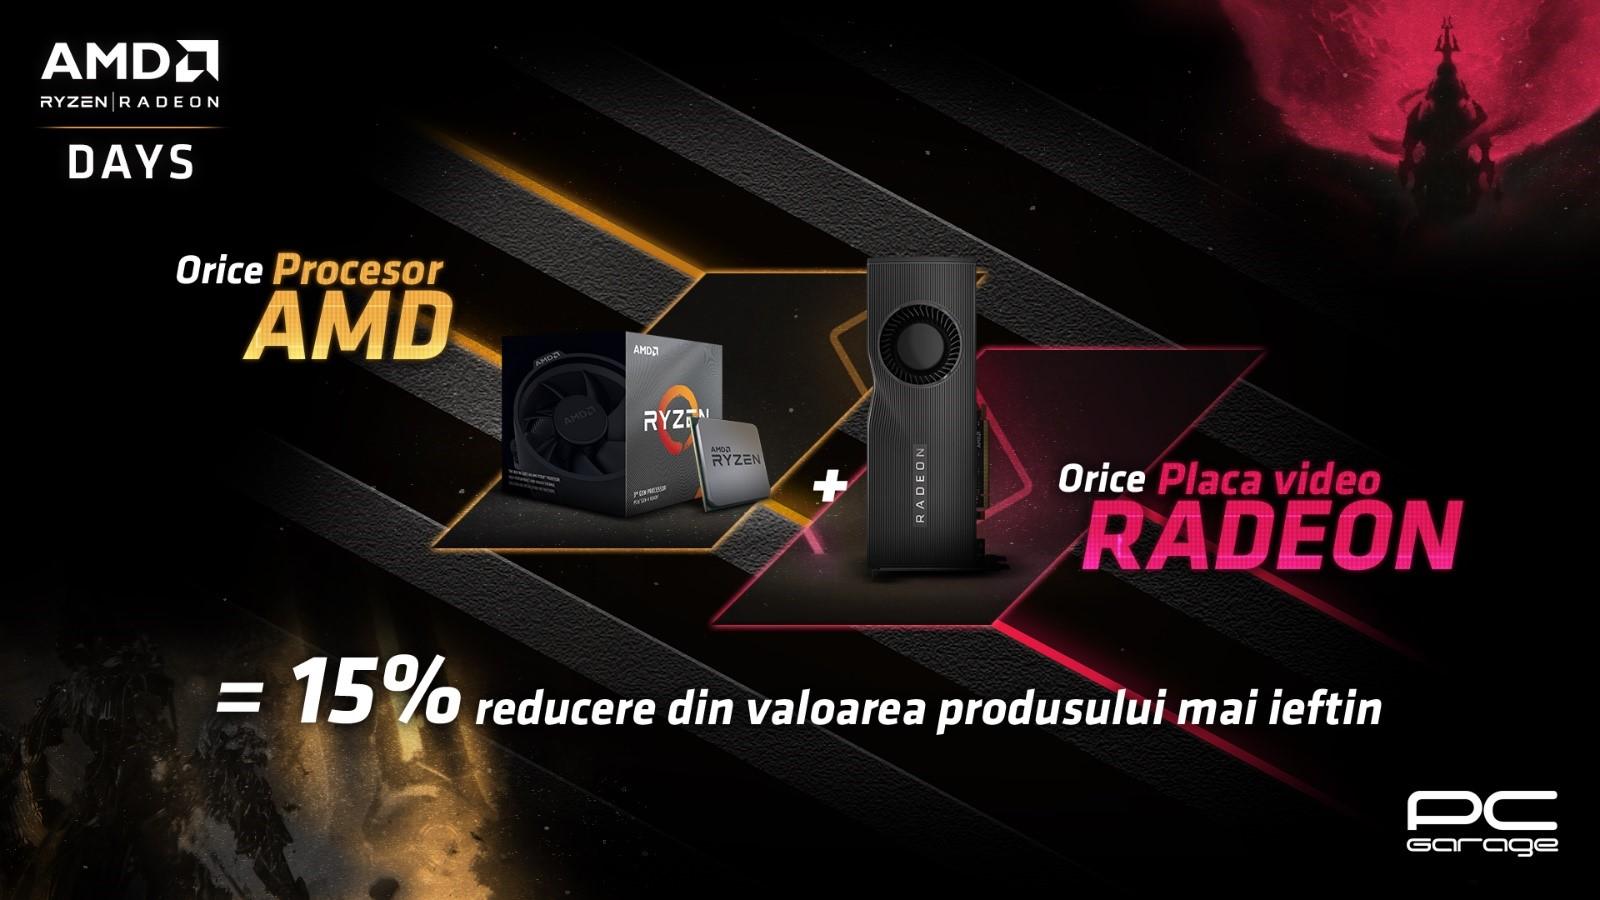 PC Garage dă startul zilelor AMD